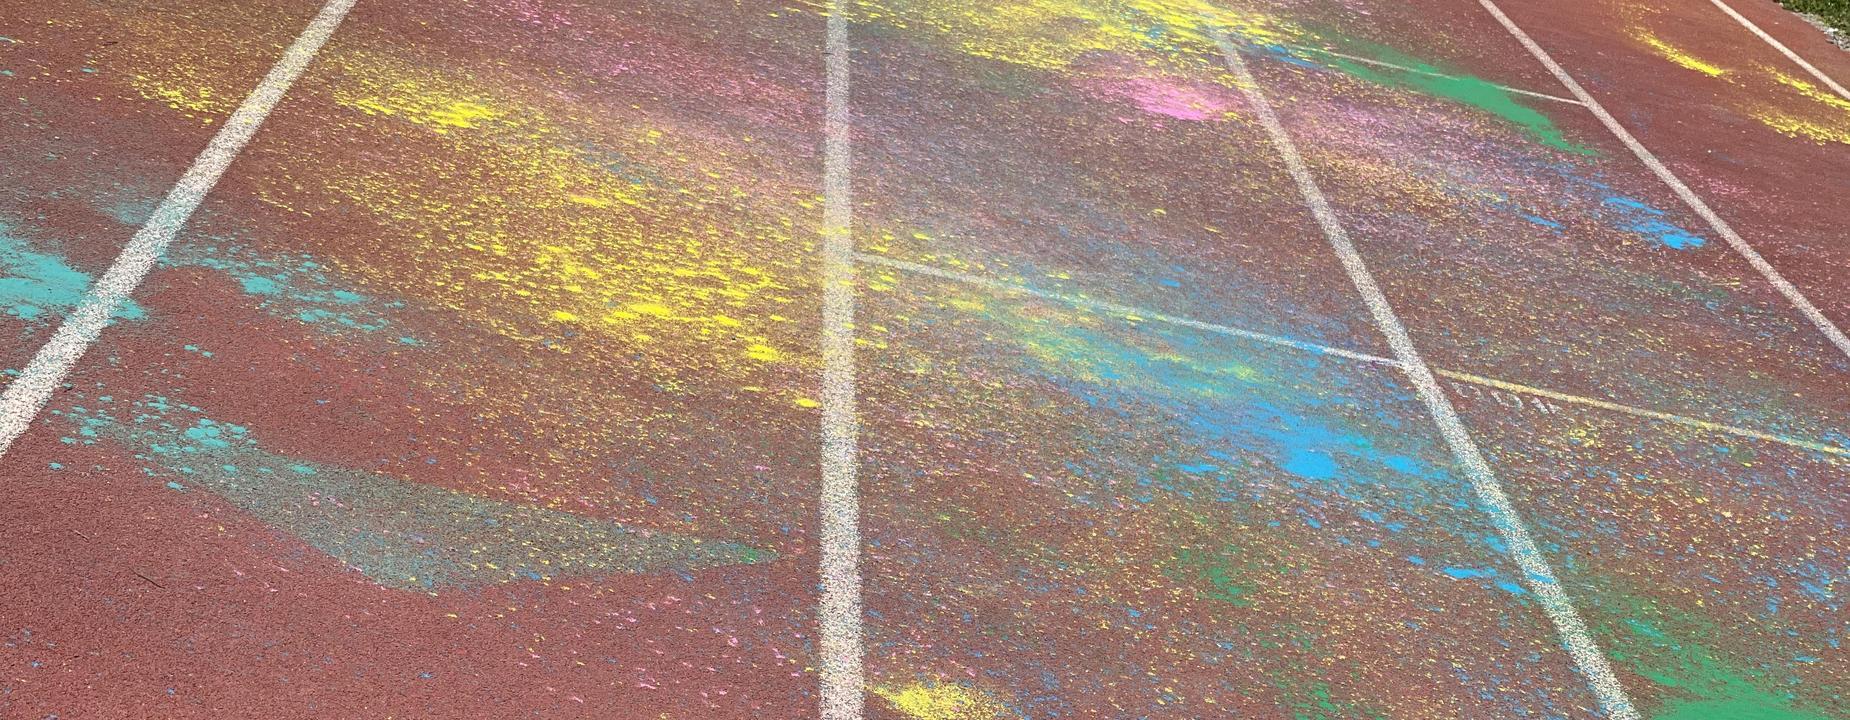 color run track